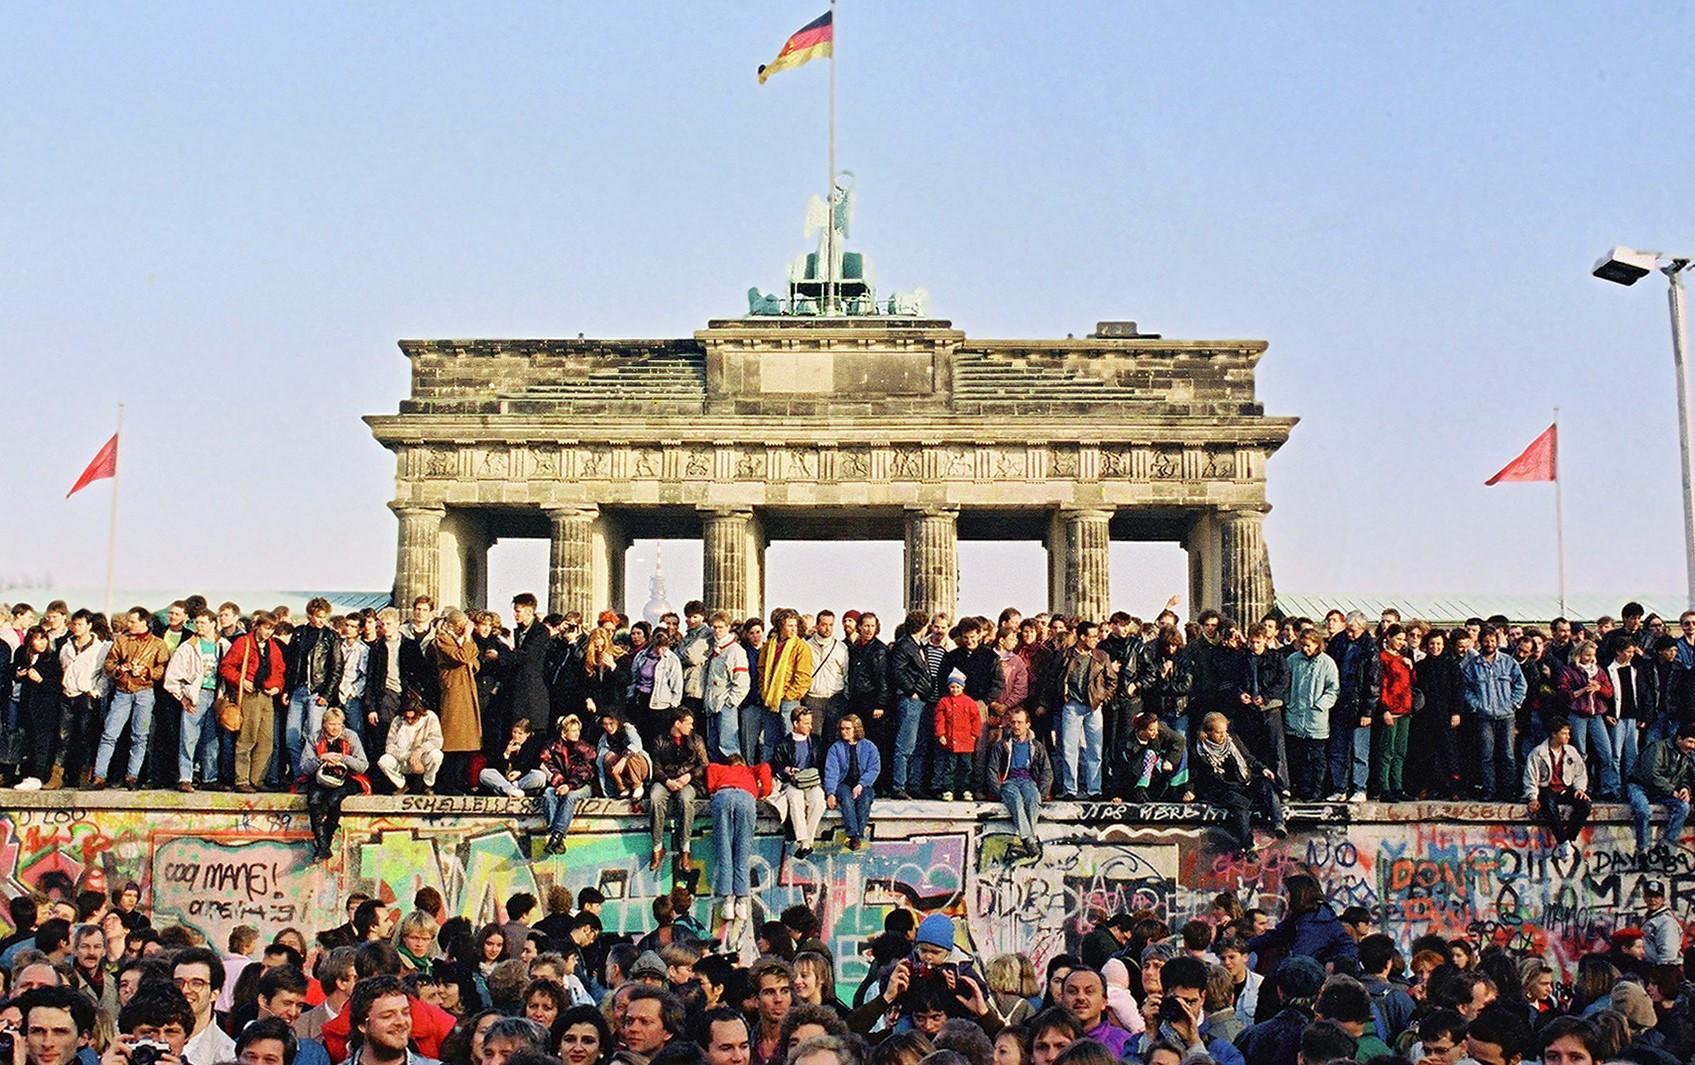 Savaitės kalendorius: Brandenburgo vartų atvėrimas ir kiti svarbūs įvykiai